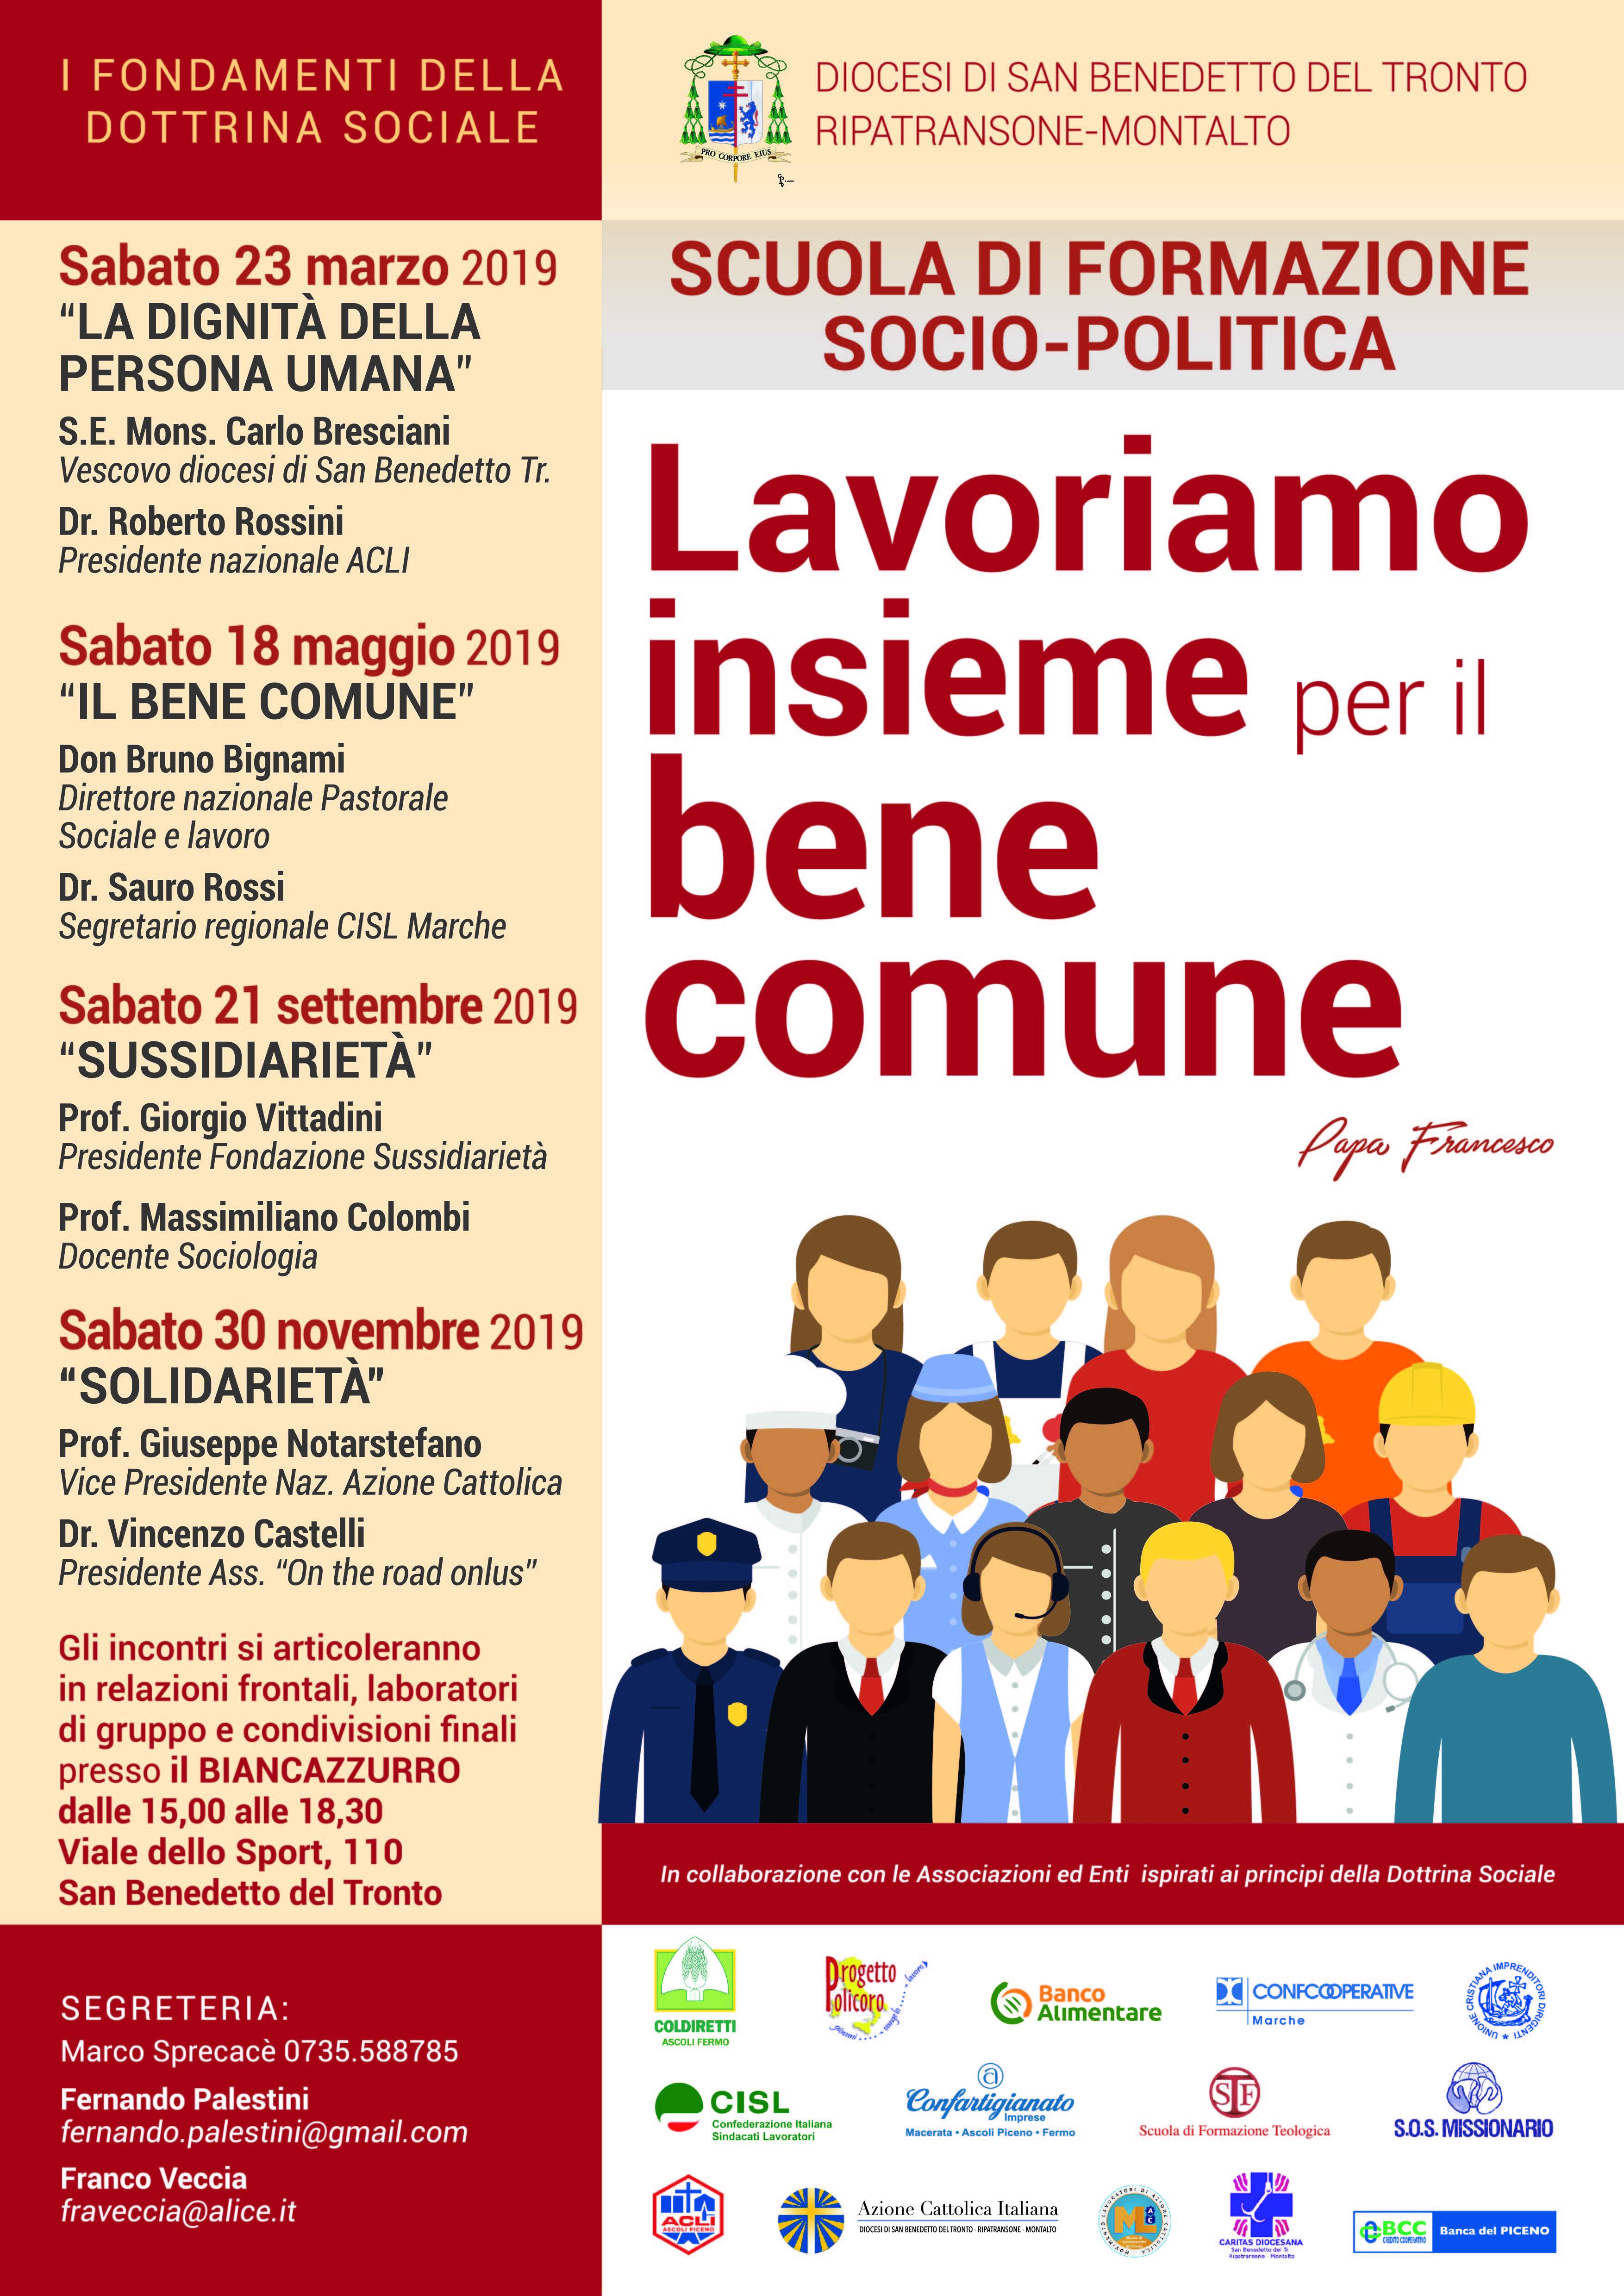 A3_LAVORIAMO INSIEME PER IL BENE COMUNE_pz100-01[1]